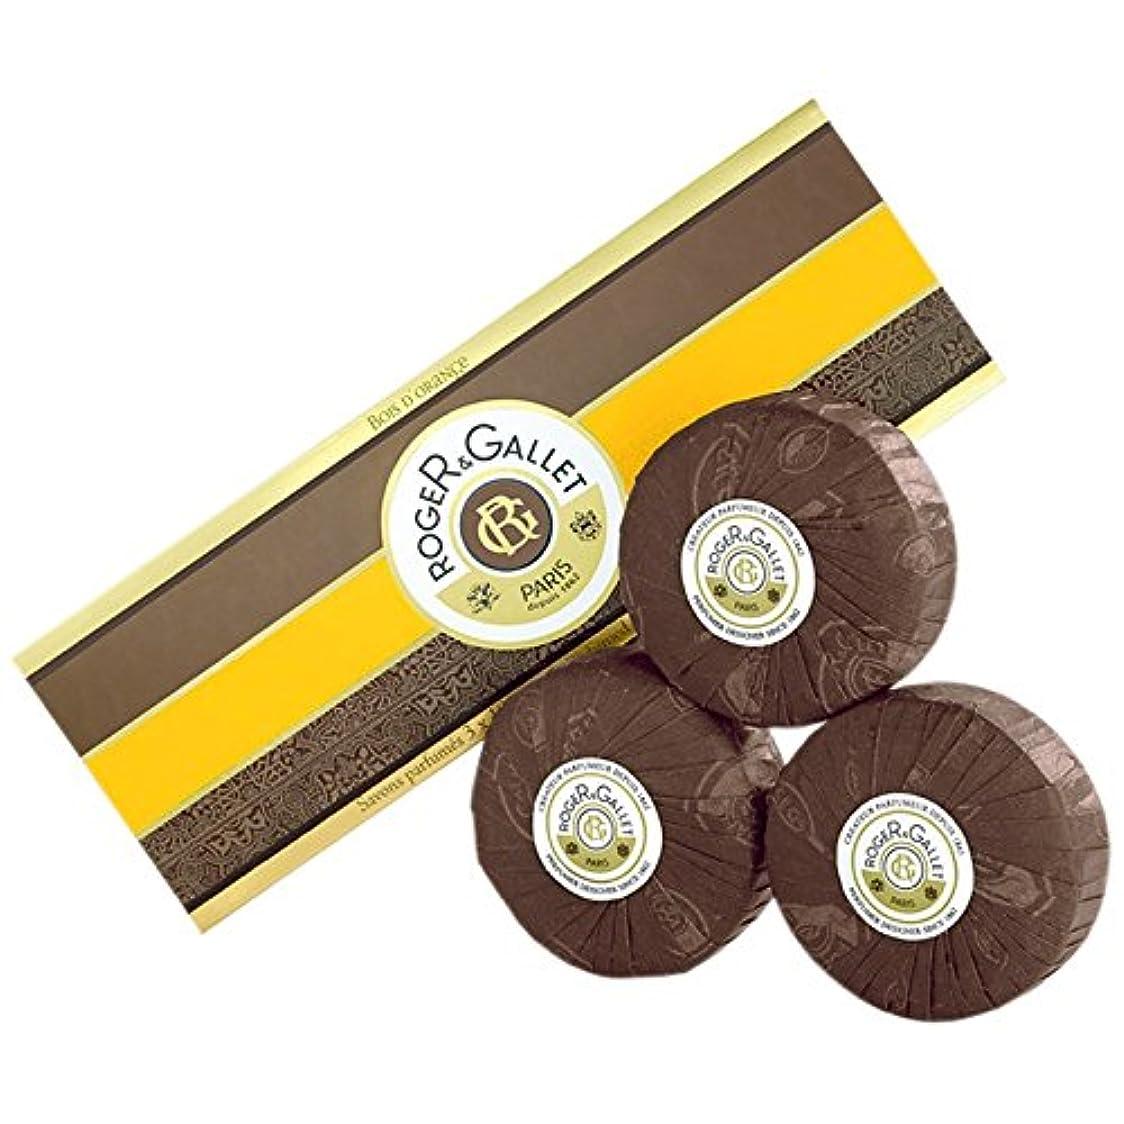 ピストルコック渇きロジャー&GalletのBoisのドールオレンジソープ3つのX 100グラム (Roger & Gallet) (x2) - Roger & Gallet Bois D'Orange Soap 3 x 100g (Pack...